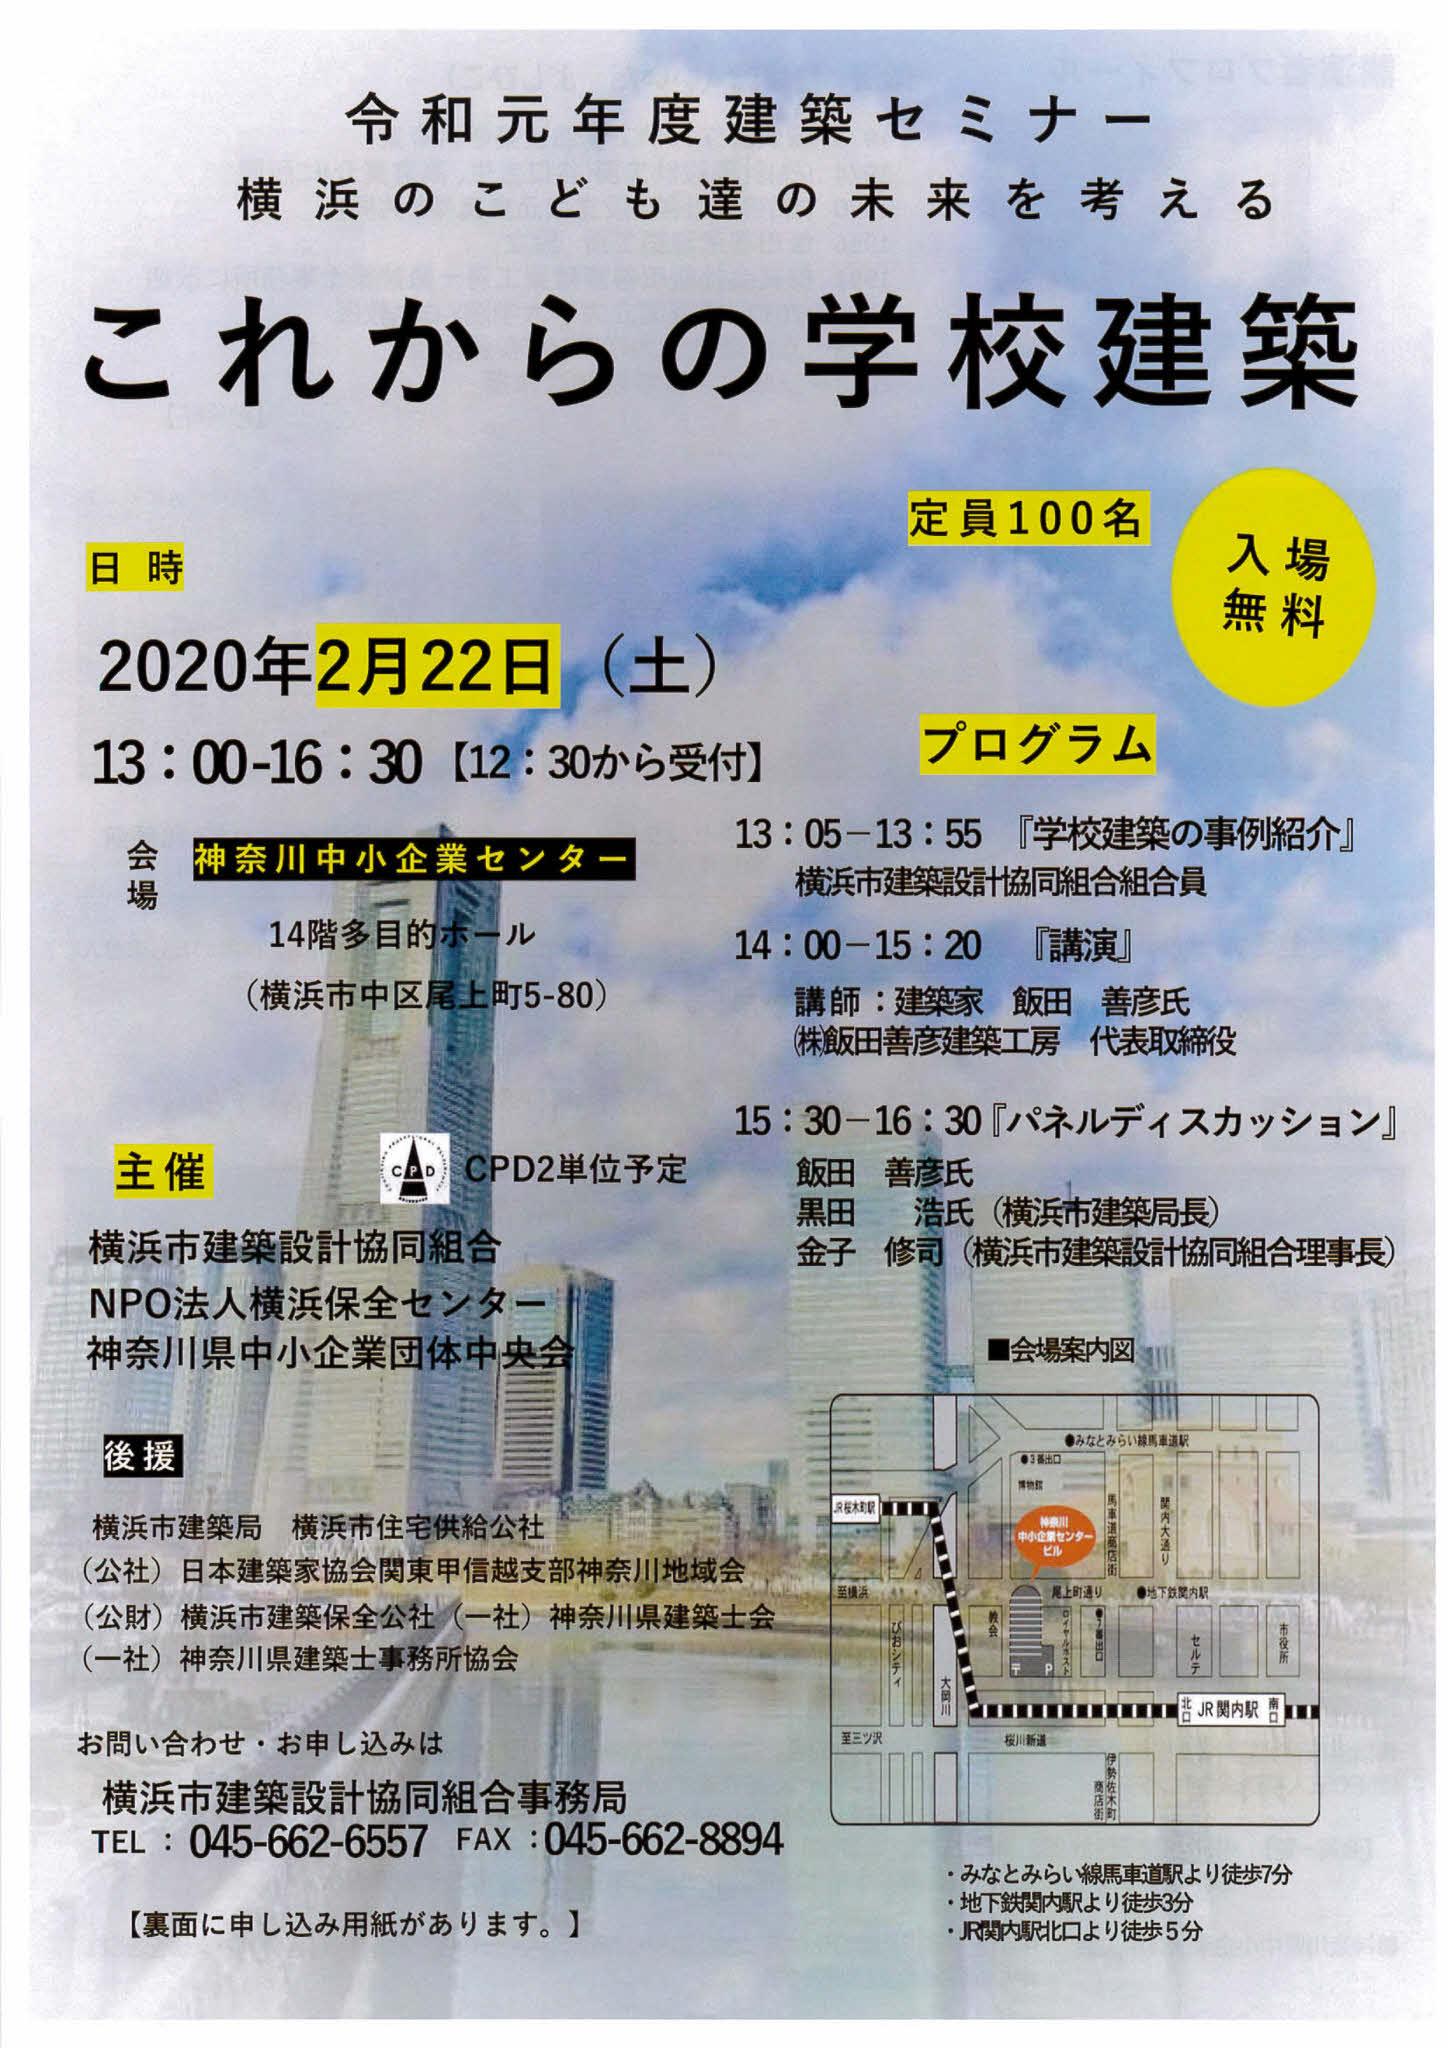 [開催延期のおしらせ] 令和元年度建築セミナー    (横浜のこども達の未来を考える)   -これからの学校建築-のお知らせ